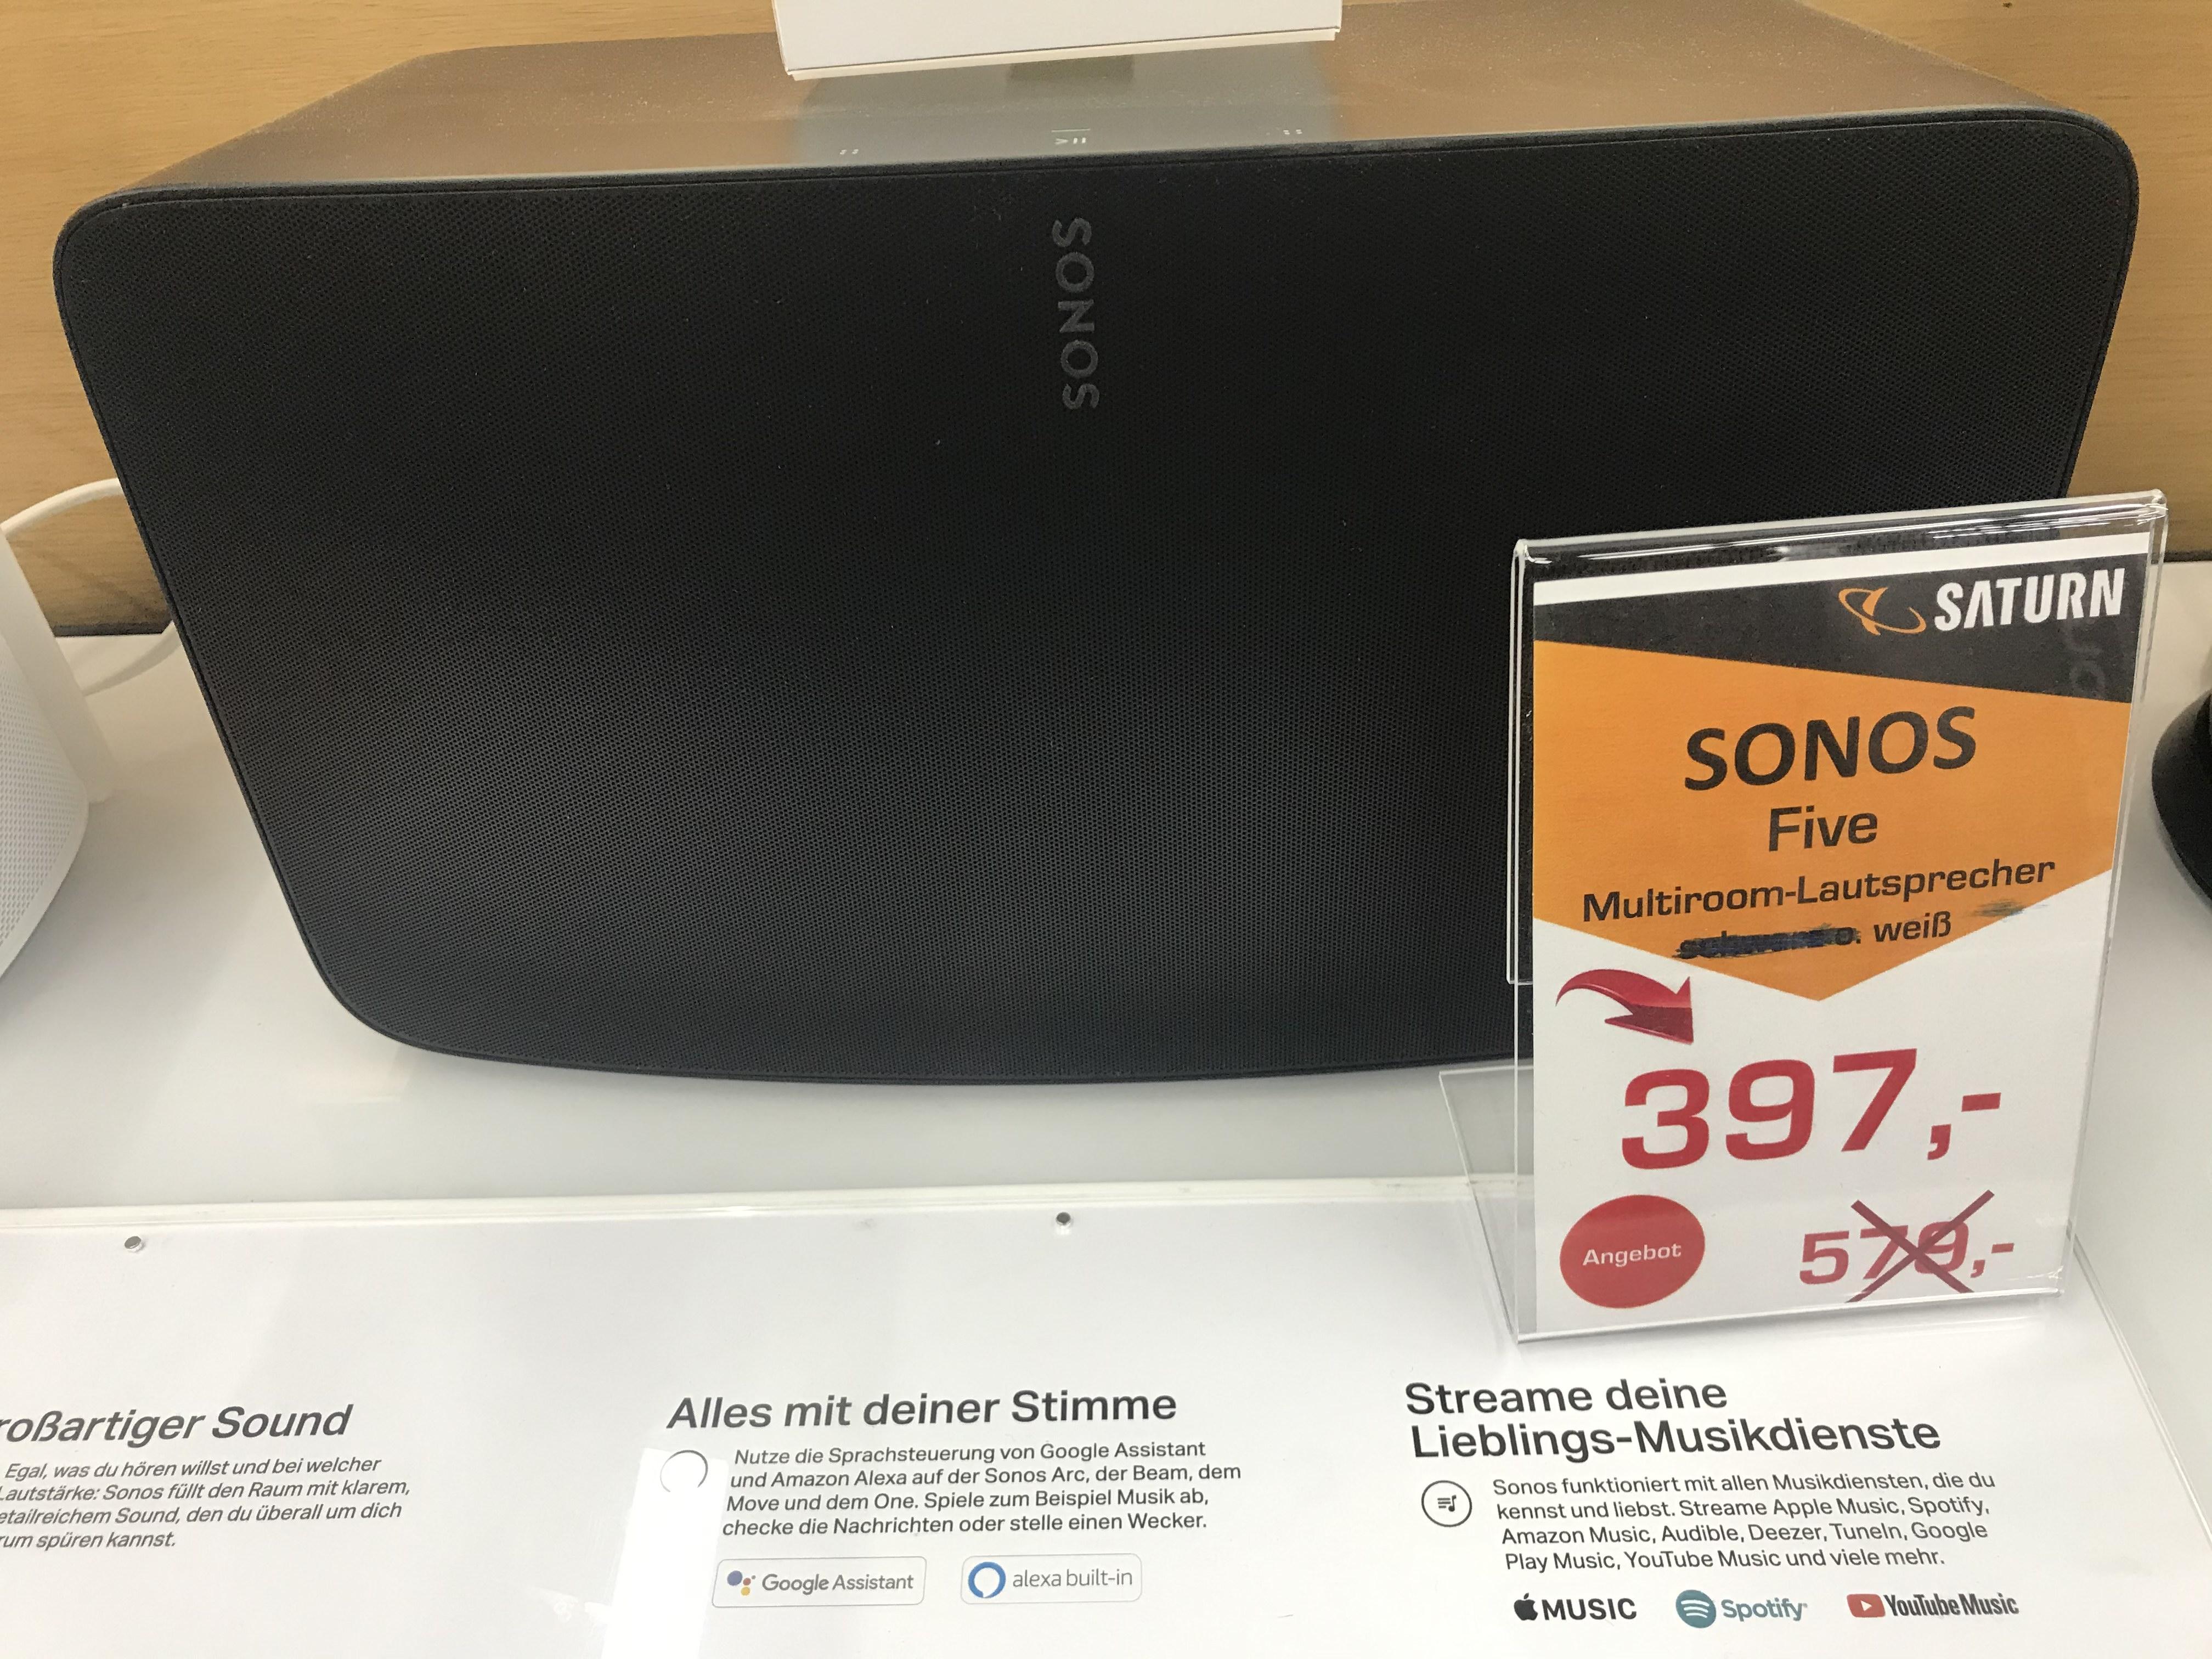 [lokal: Saturn Dortmund Eving] Sonos Five